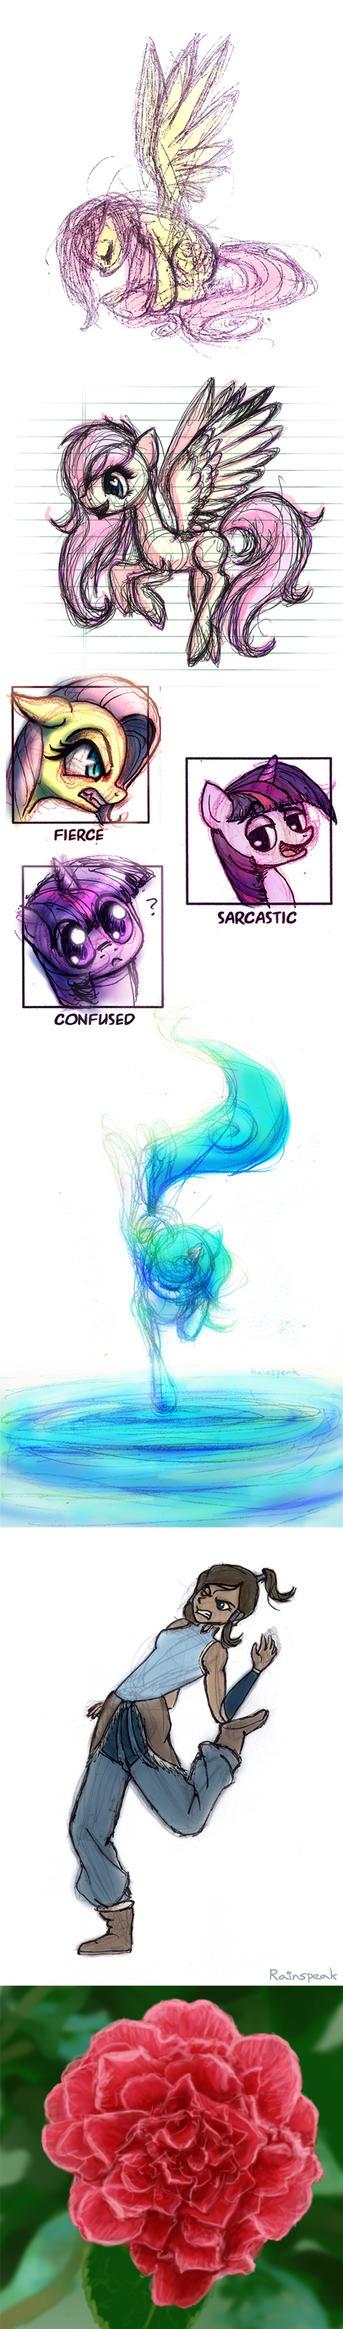 Artdump 8 by Rainspeak